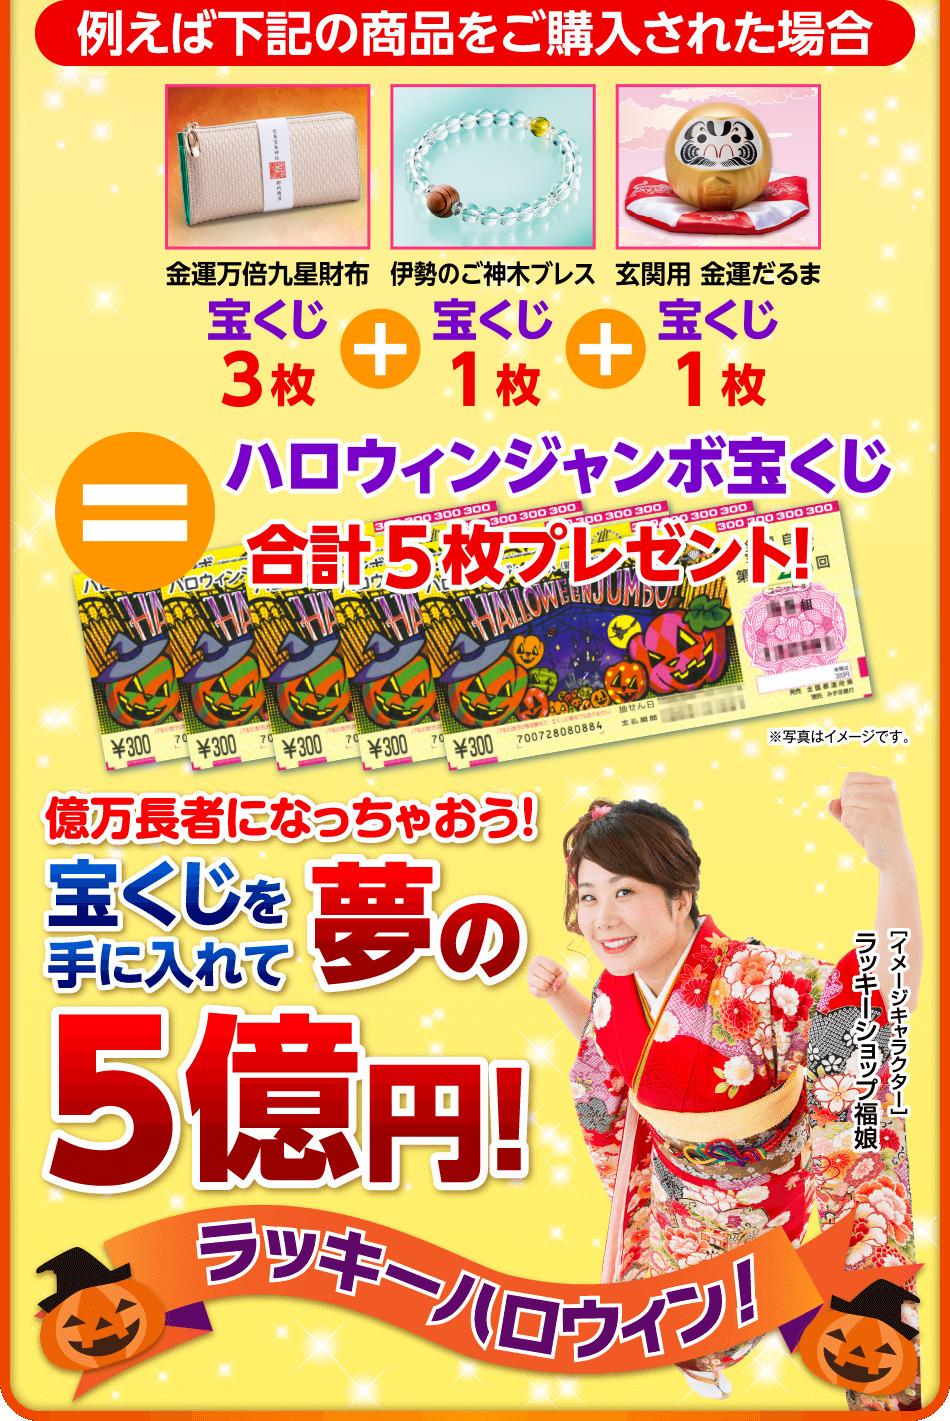 億万長者になっちゃおう!宝くじを手に入れて夢の5億円!ラッキーハロウィン!